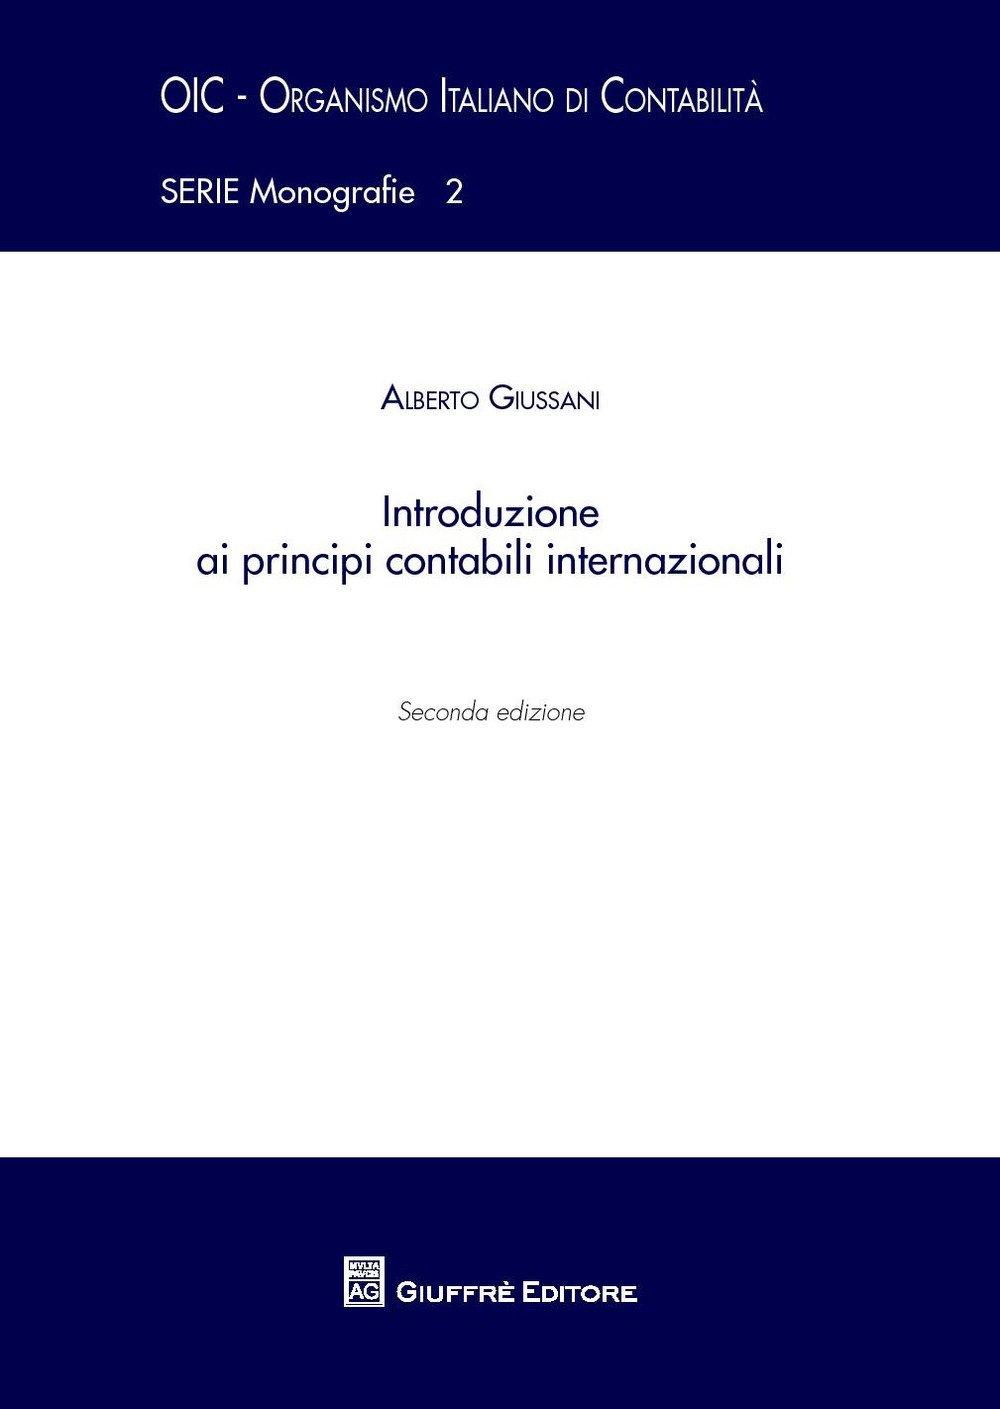 Introduzione ai principi contabili internazionali